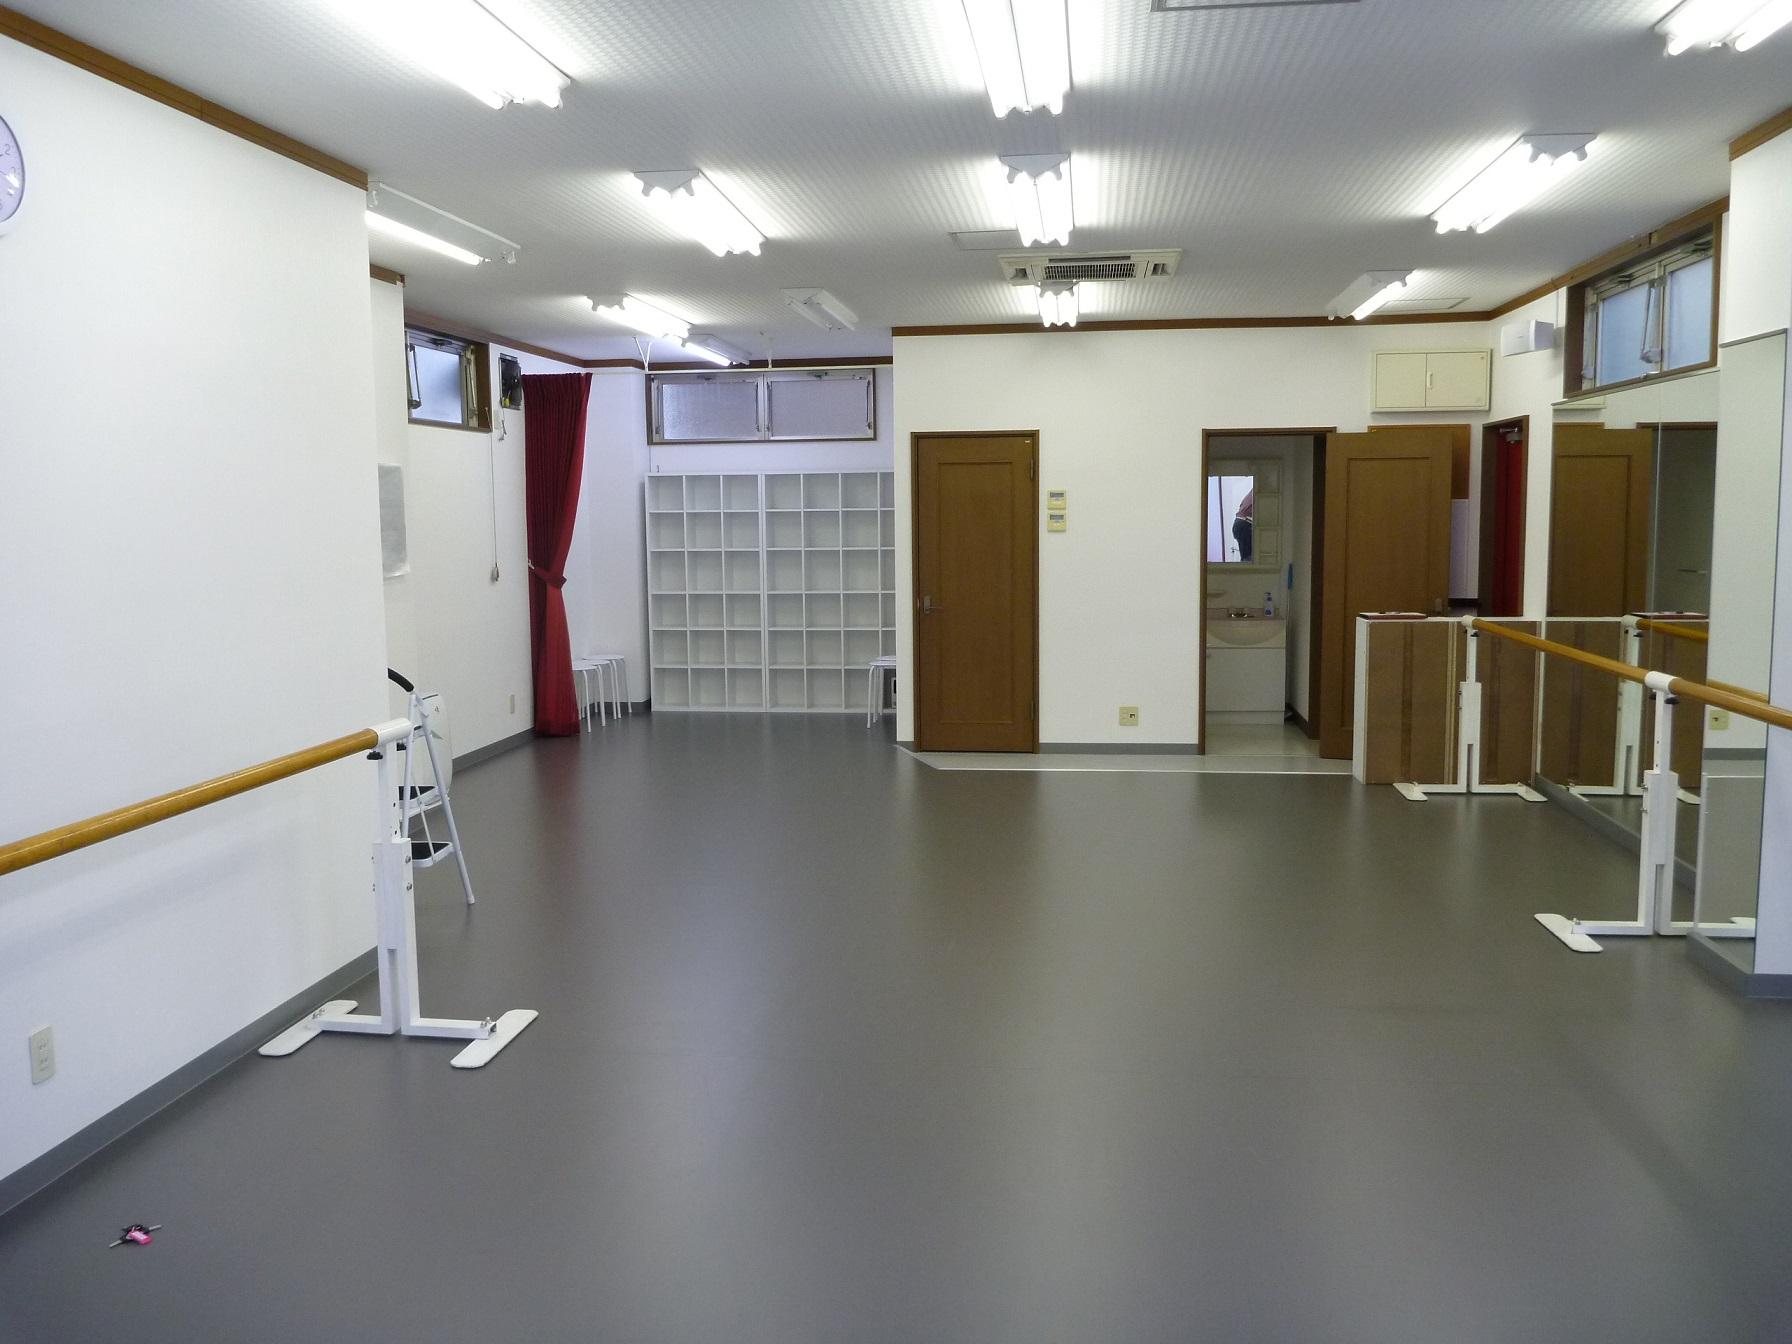 田中佳織創作バレエ研究所